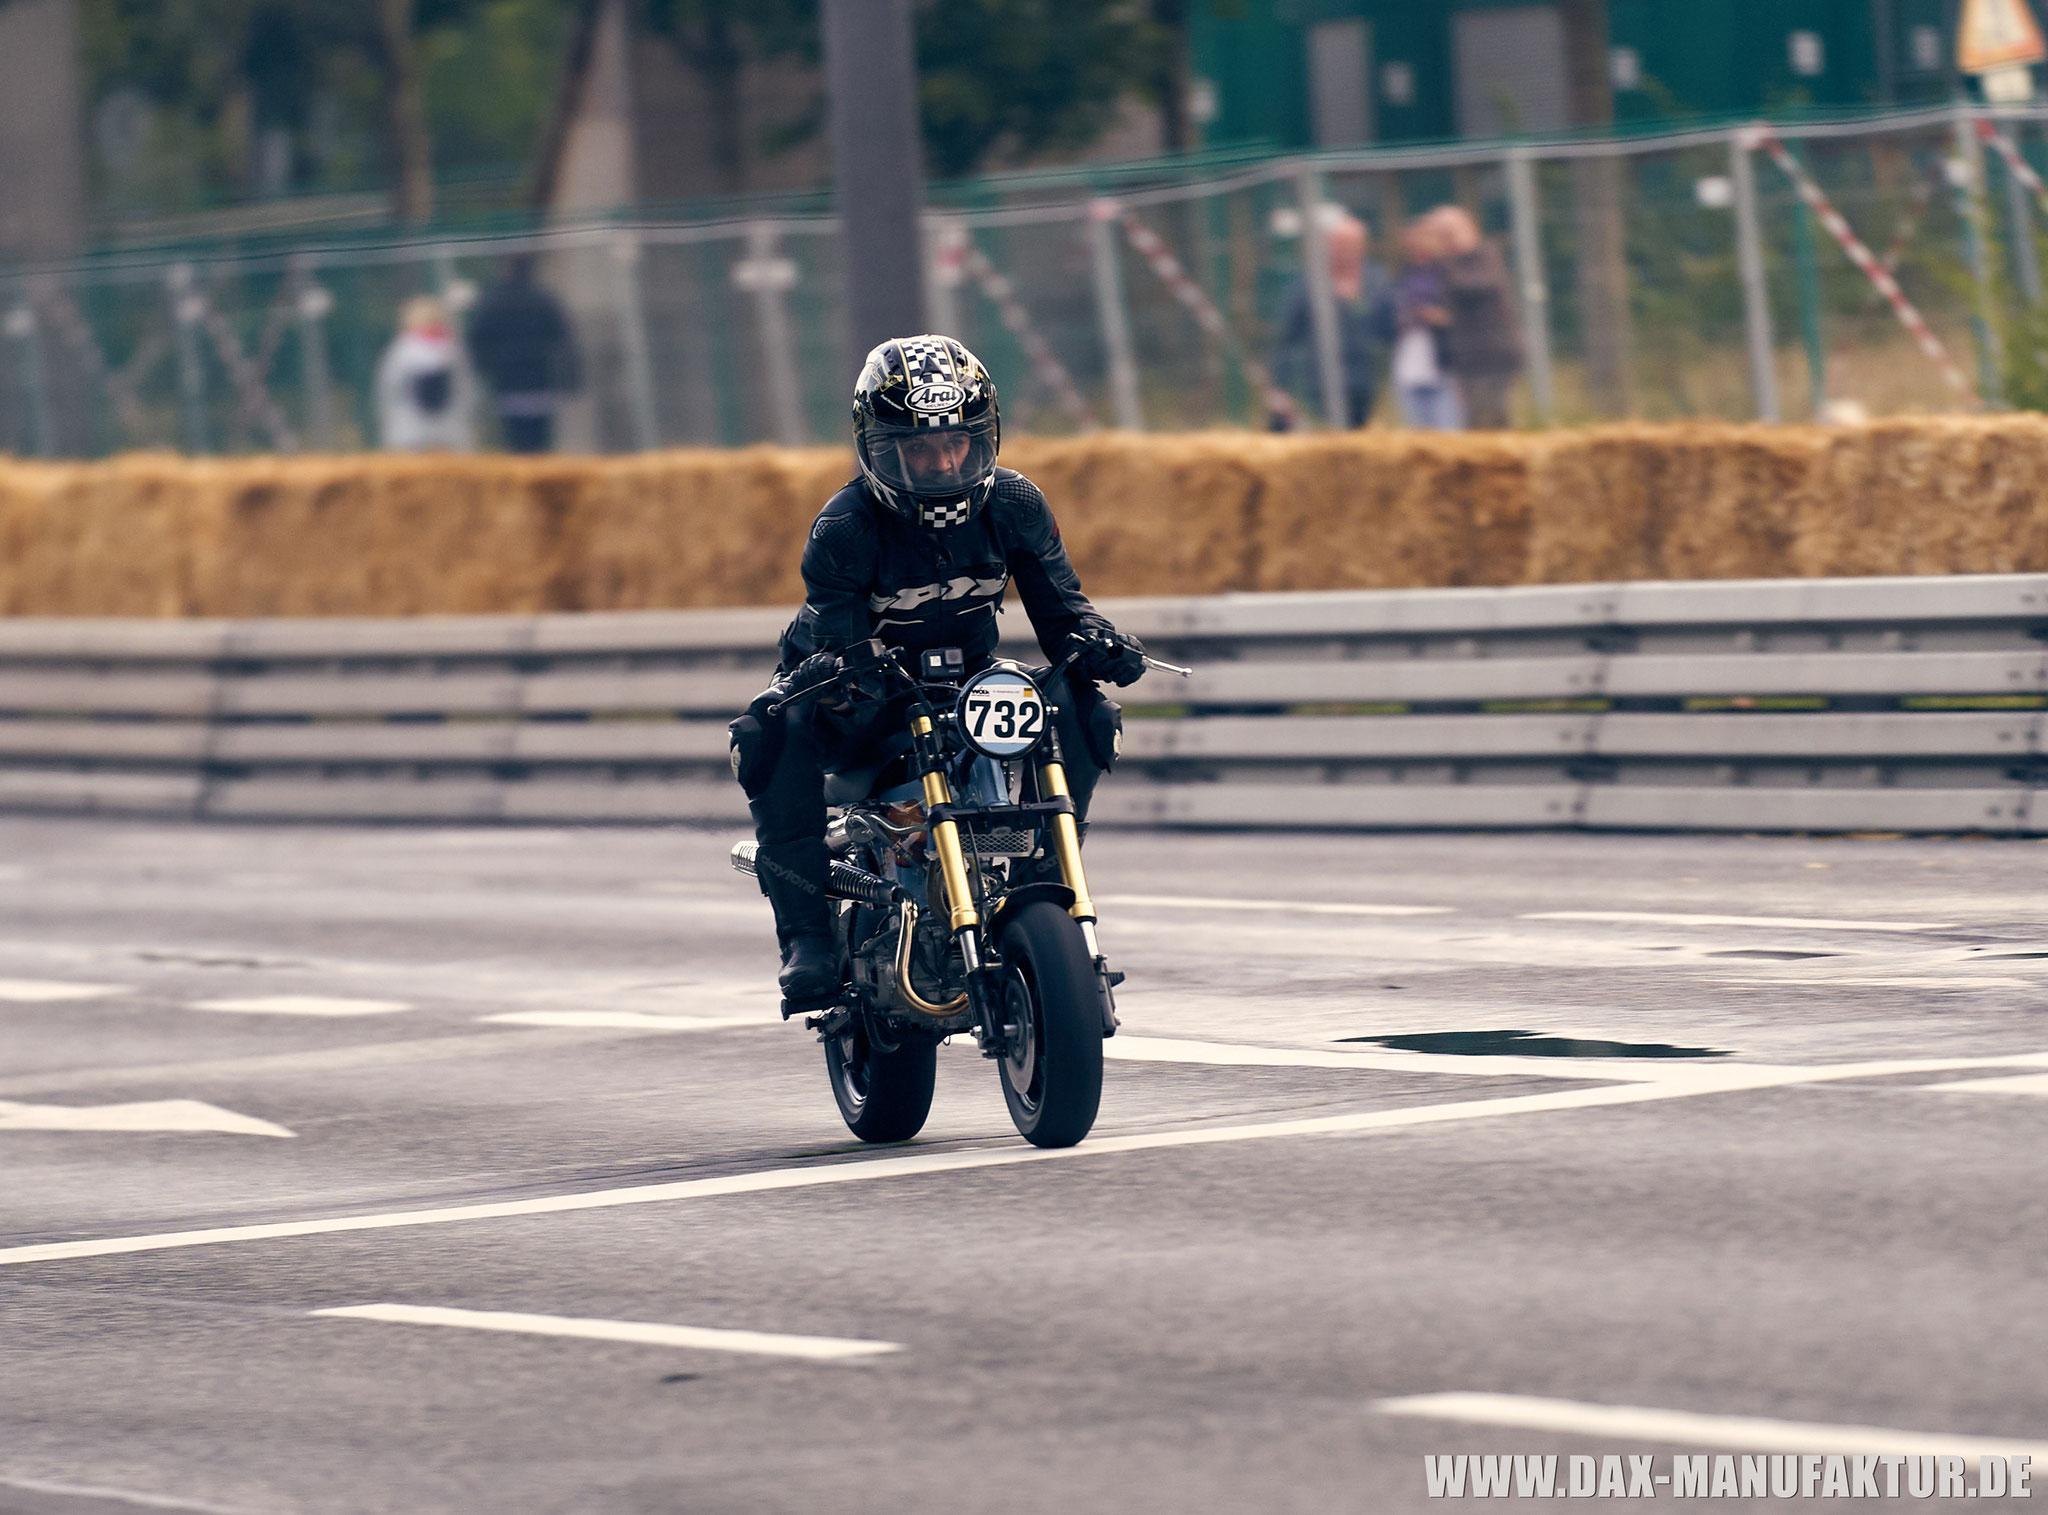 Fahrerin und Moped heil im Ziel!